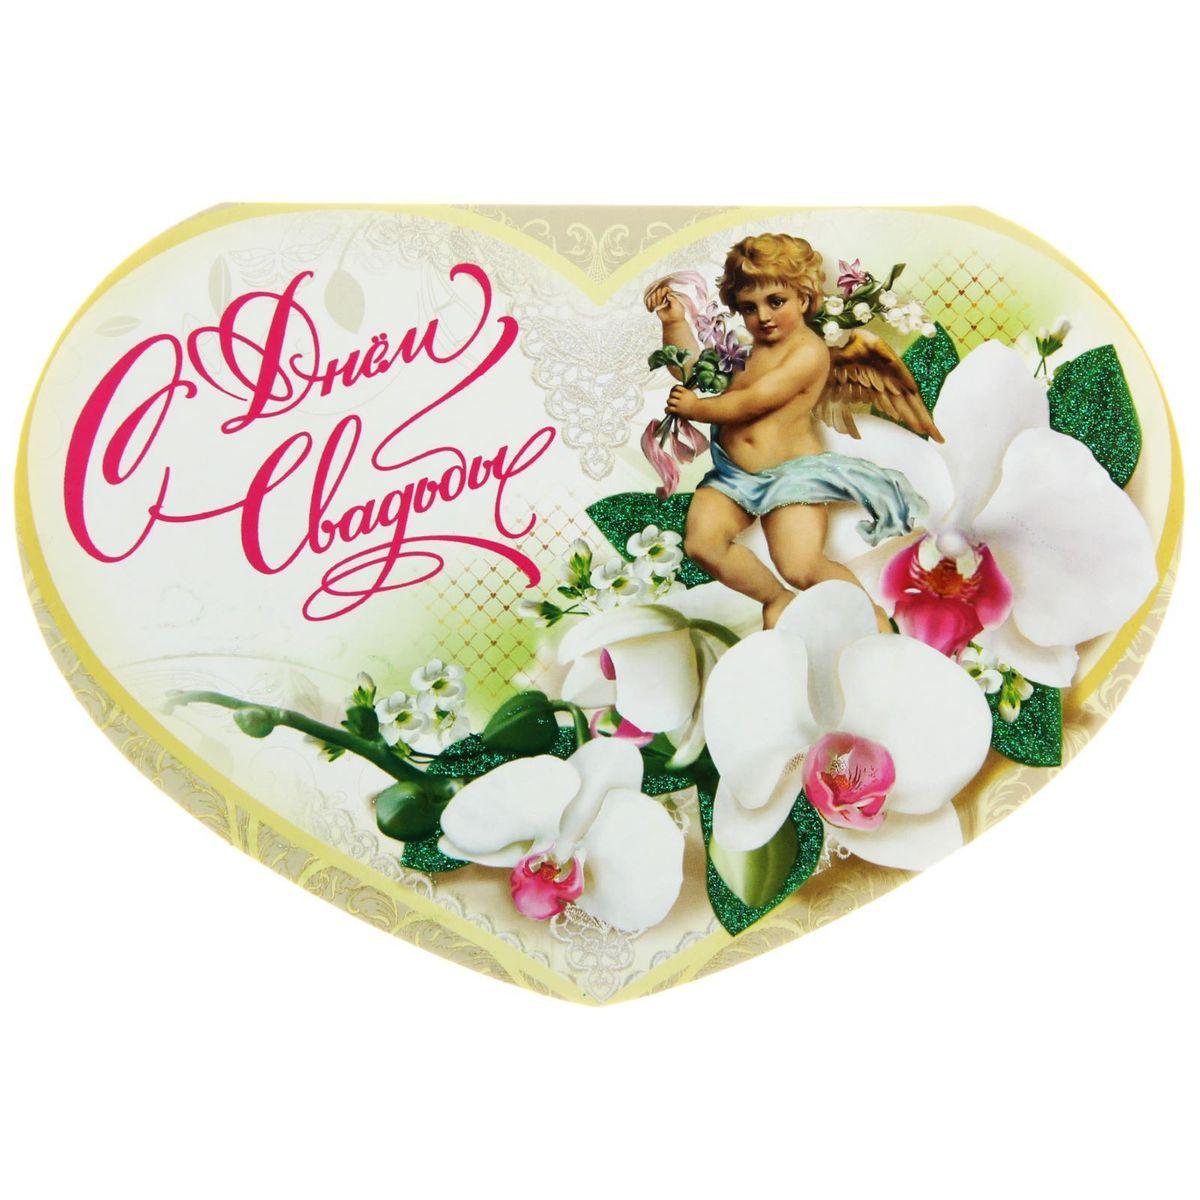 Открытка Эдельвейс С днем свадьбы. Ангел1263233Если вы хотите порадовать себя или близких, создать праздничное настроение и с улыбкой провести памятный день, то вы, несомненно, сделали правильный выбор! Открытка Открытка Эдельвейс С днем свадьбы, выполненная из плотной бумаги, отличается не только оригинальным дизайном, но и высоким качеством.Лицевая сторона изделия оформлена ярким изображением. Внутри открытка содержит текст с поздравлением.Такая открытка непременно порадует получателя и станет отличным напоминанием о проведенном вместе времени.